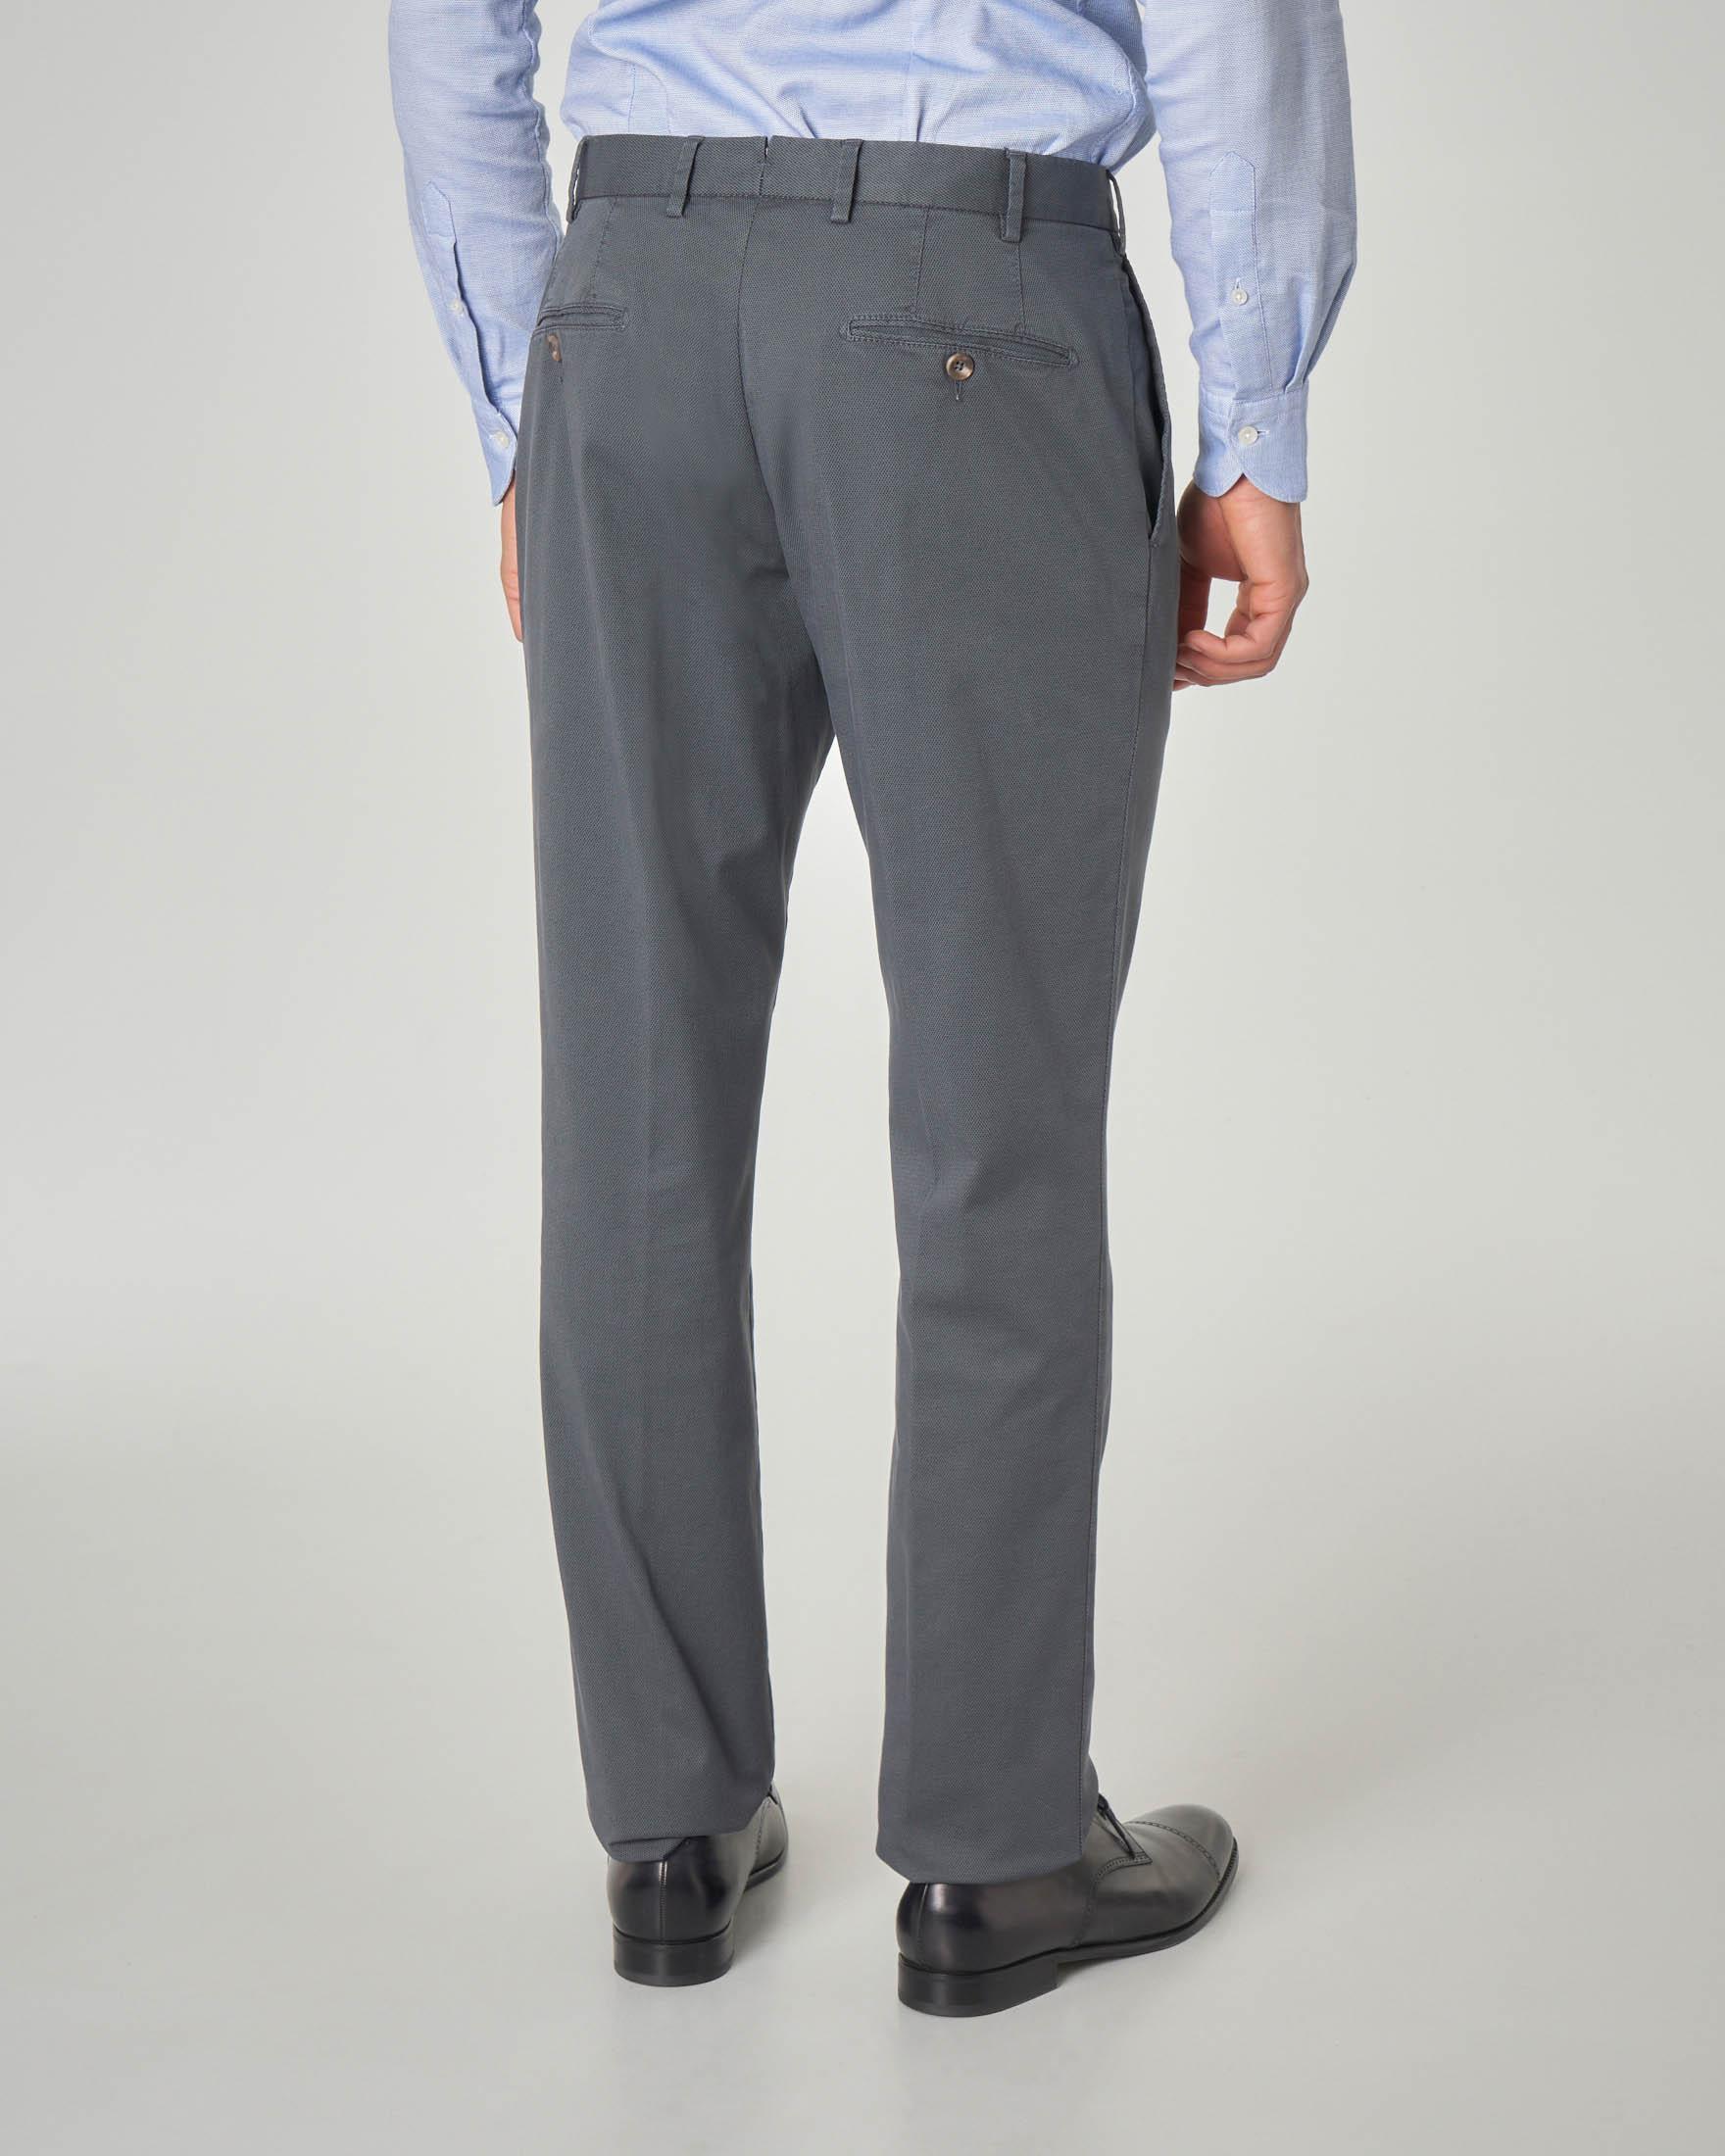 Pantalone grigio scuro con una pinces